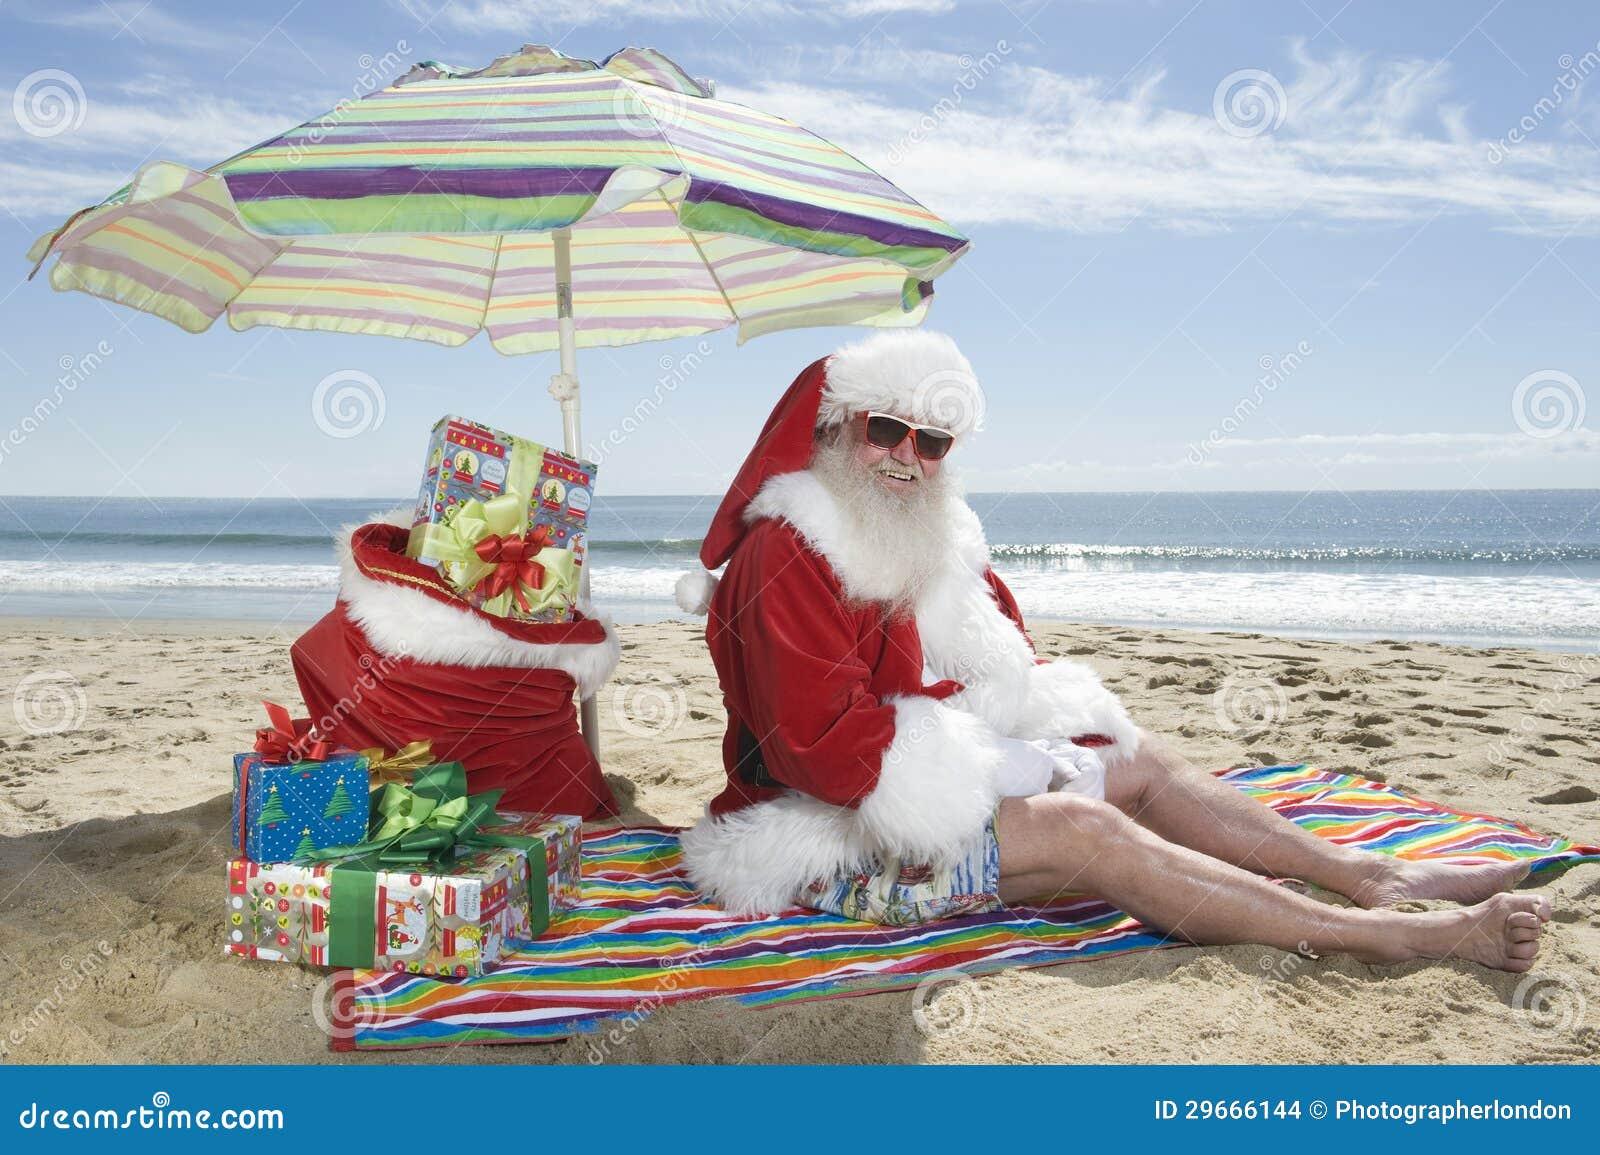 Санта Клаус сидя под парасолем с подарками на пляже